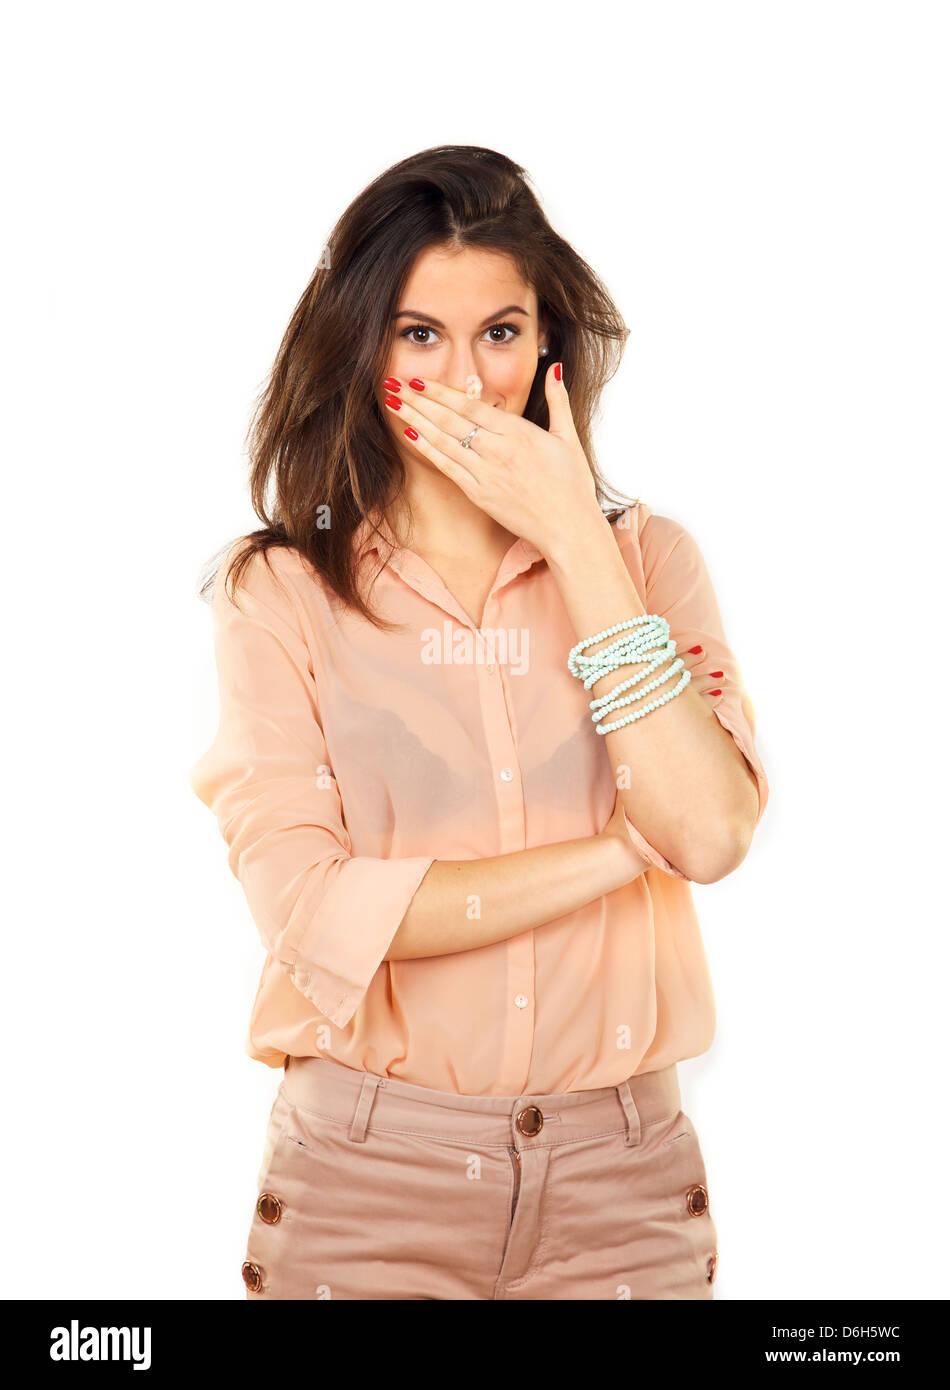 Überrascht stilvolle junge Frau mit der Hand den Mund bedecken Stockbild